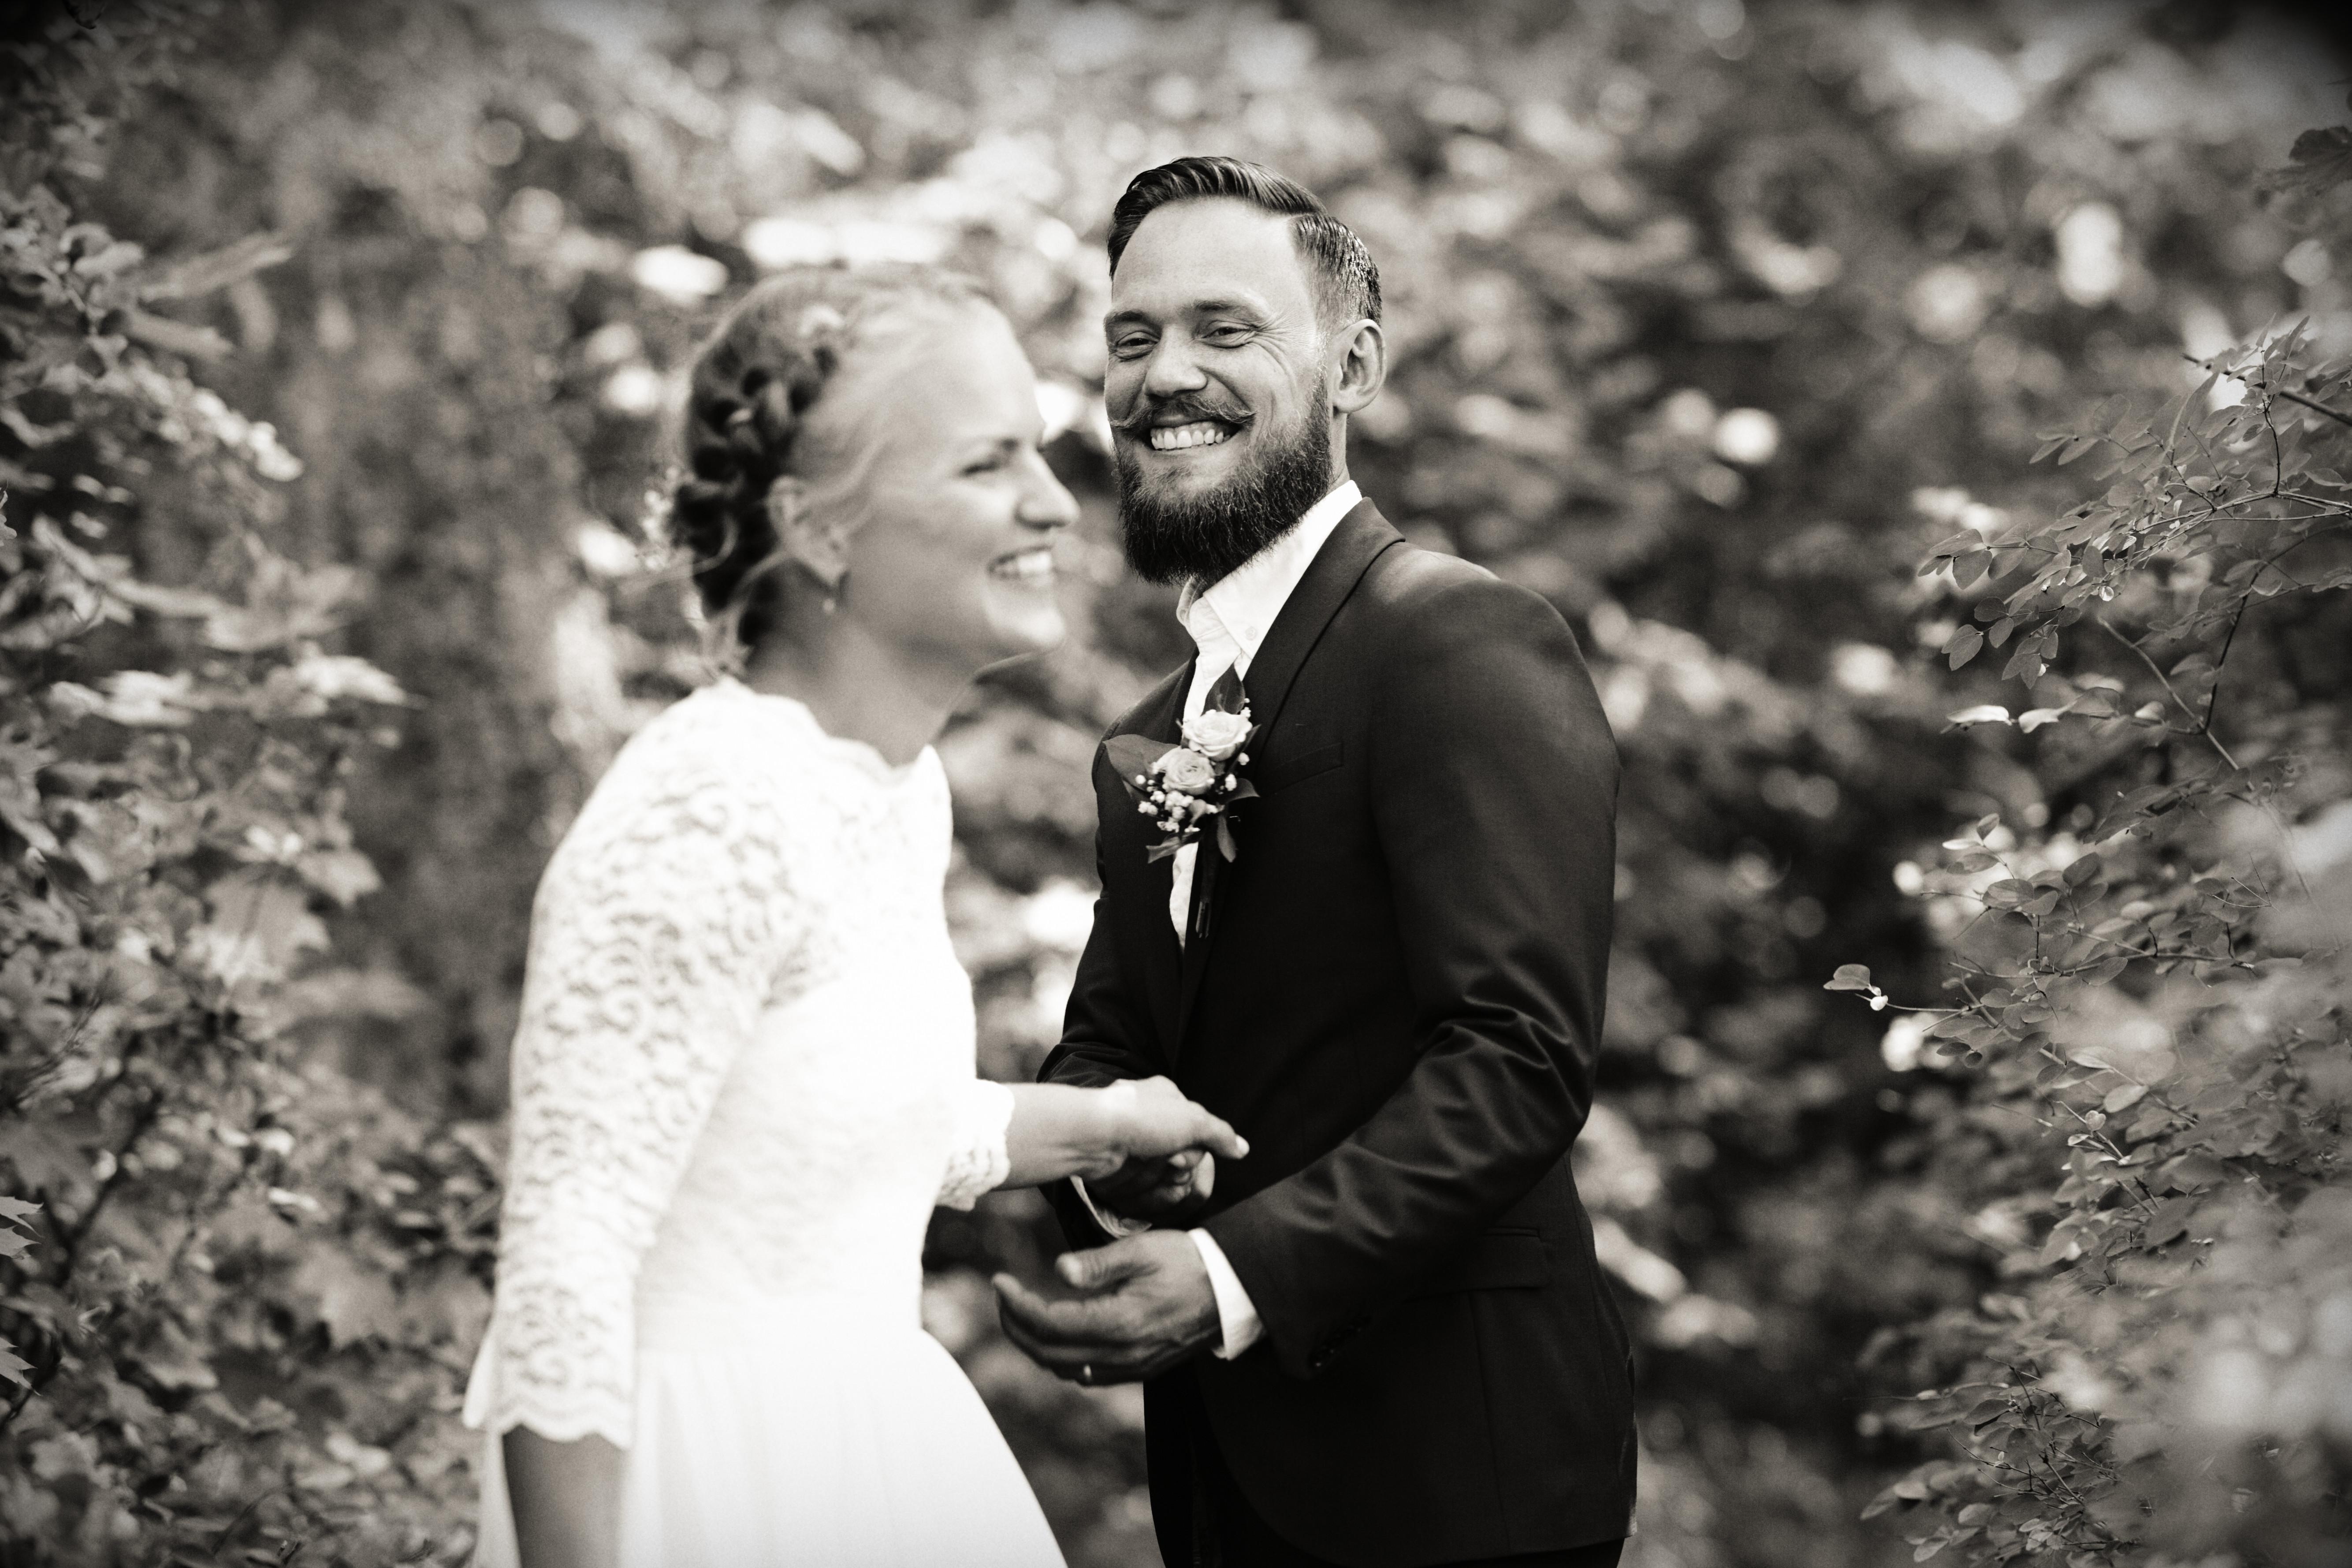 Bröllopsporträtt 6 - Robin o Linnéa